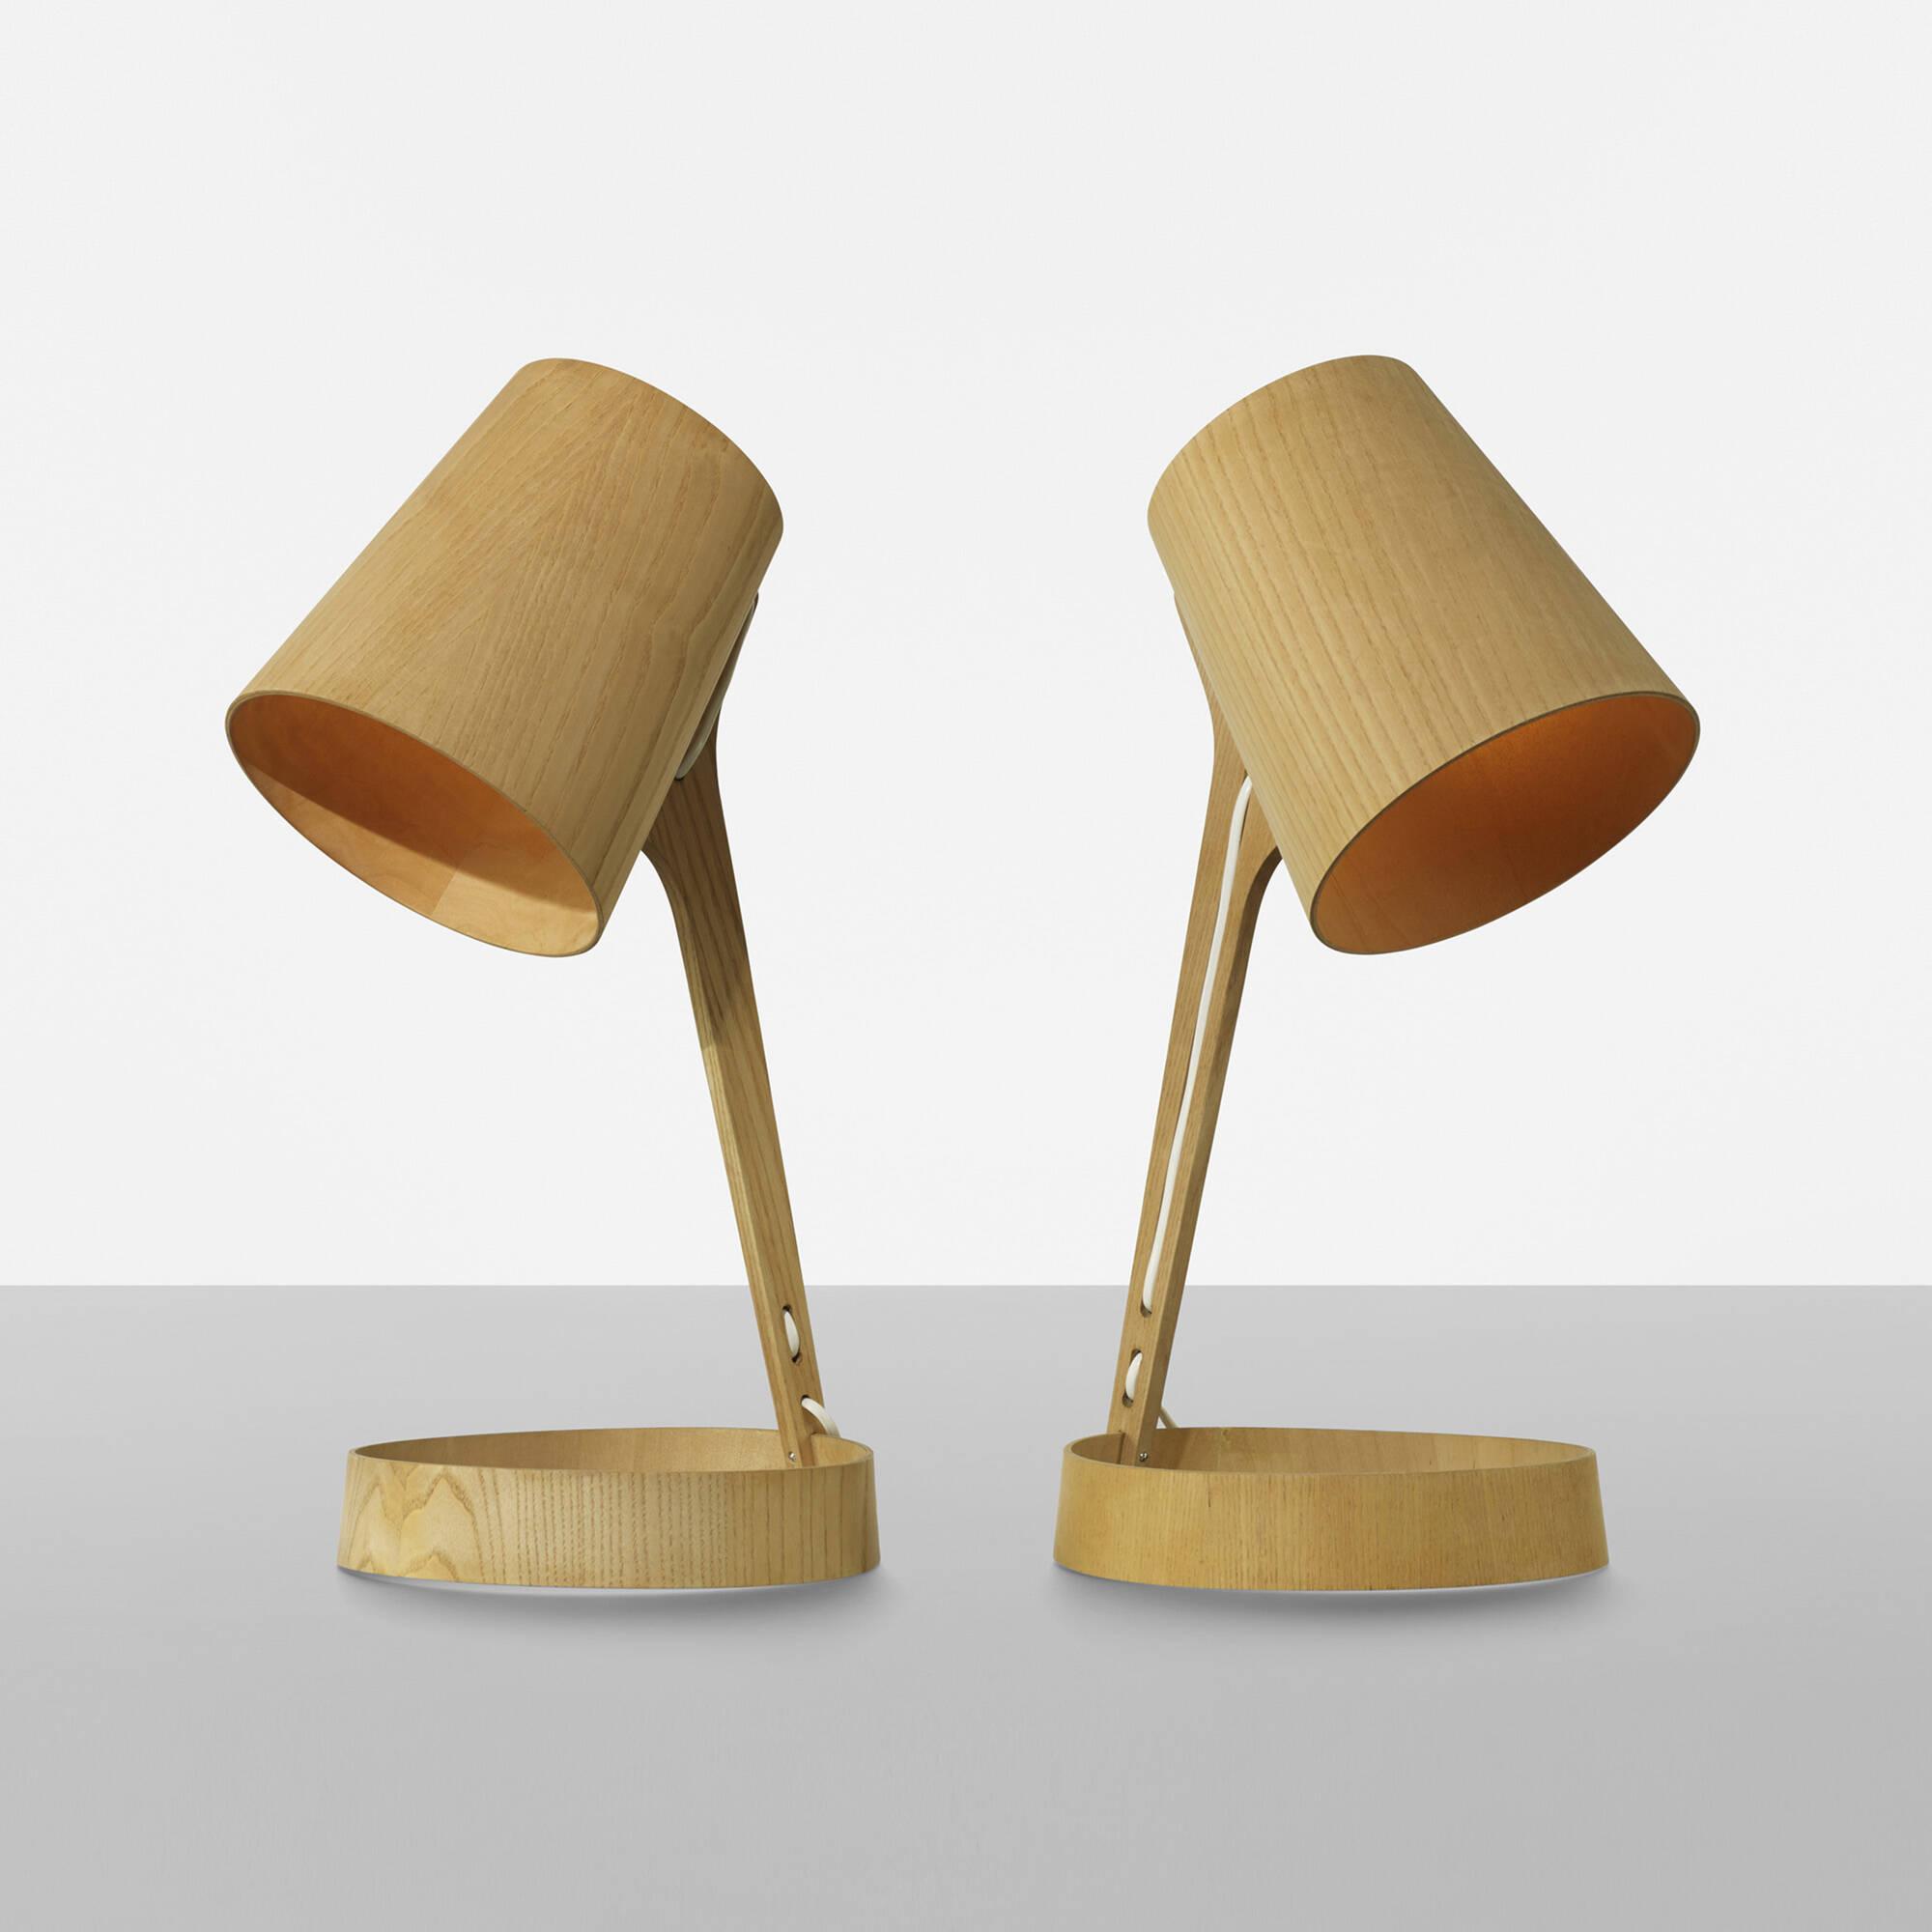 148: Yngve Ekström / table lamps, pair (1 of 4)